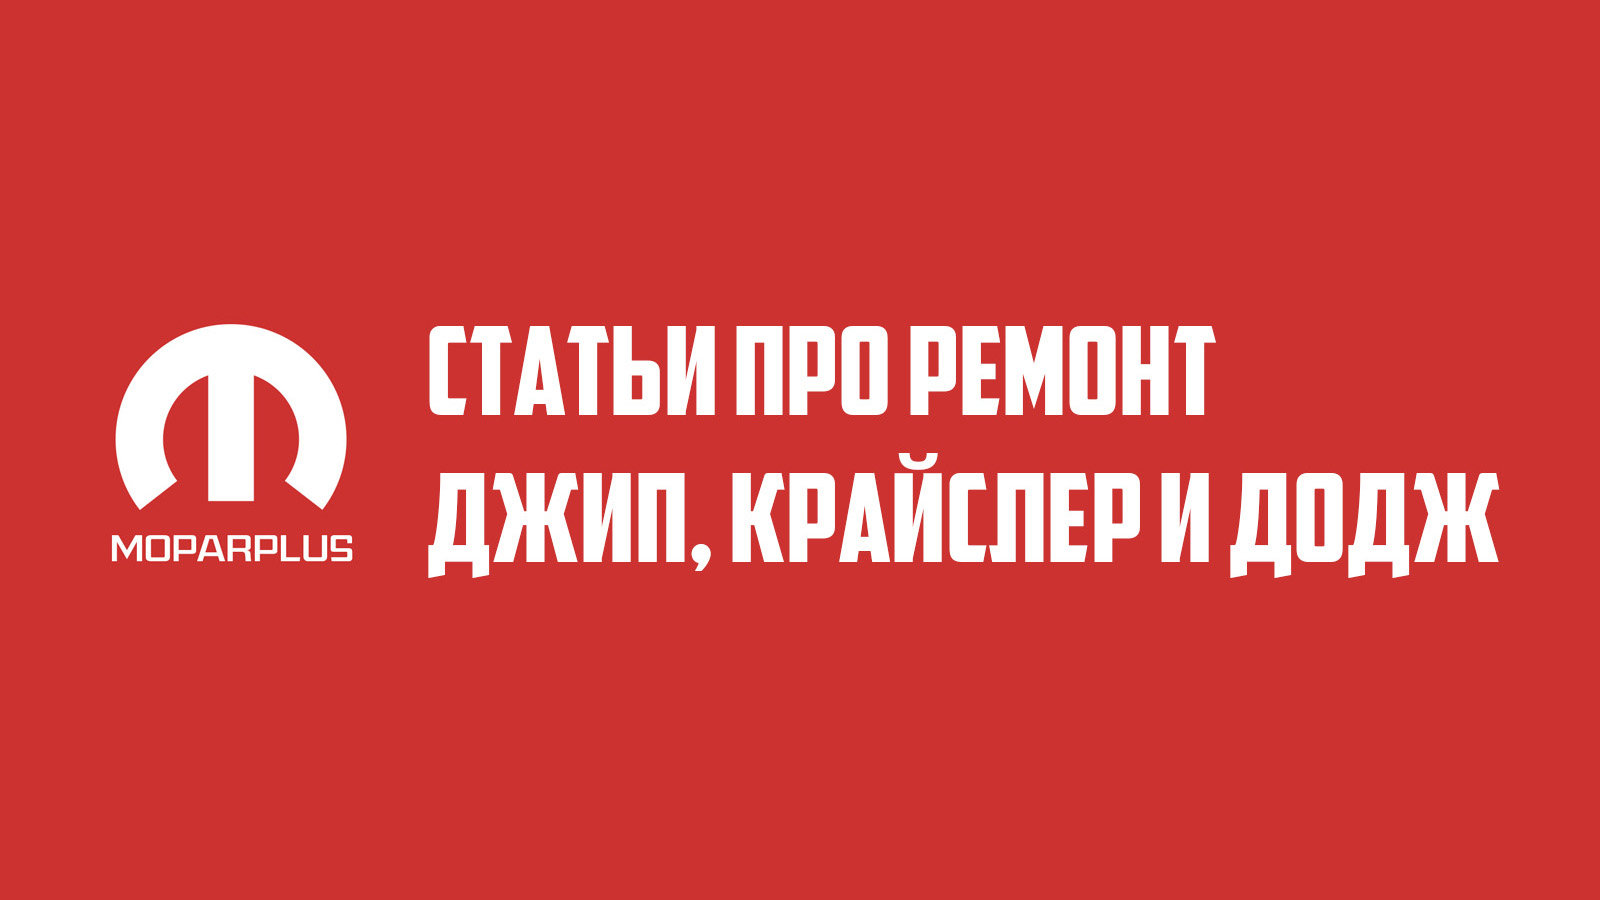 Статьи про ремонт. Выпуск №1.